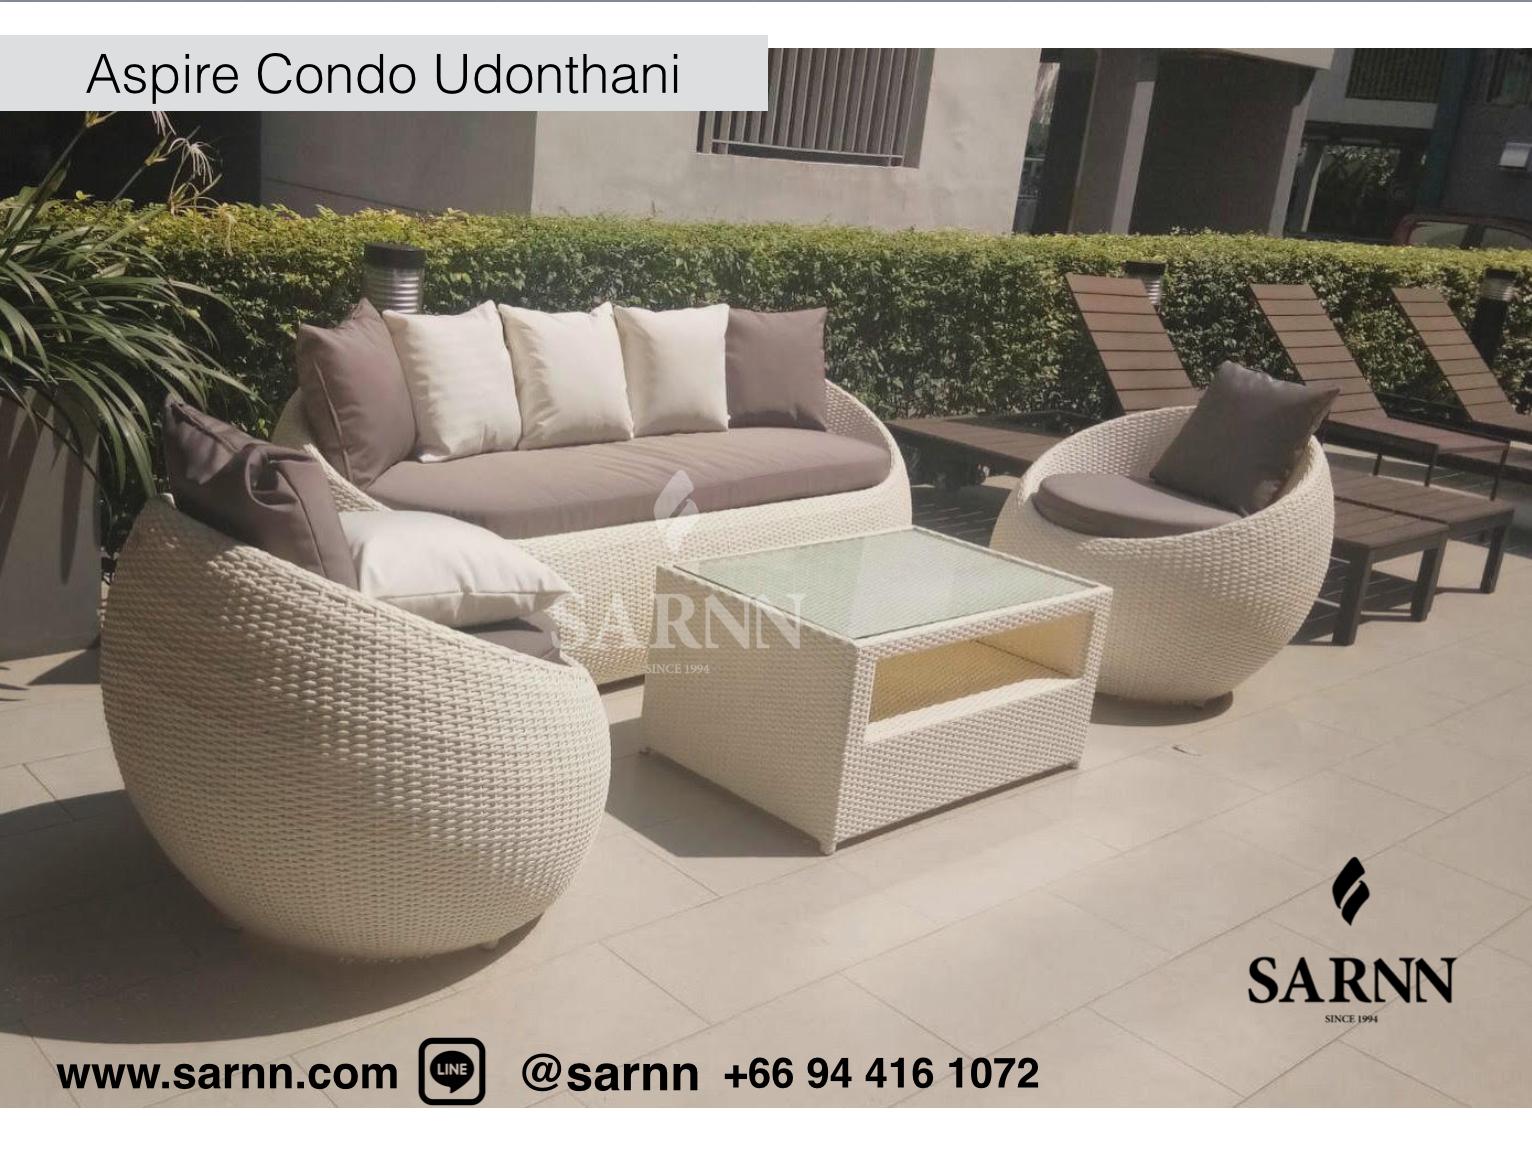 Aspire Condominium - Udonthani